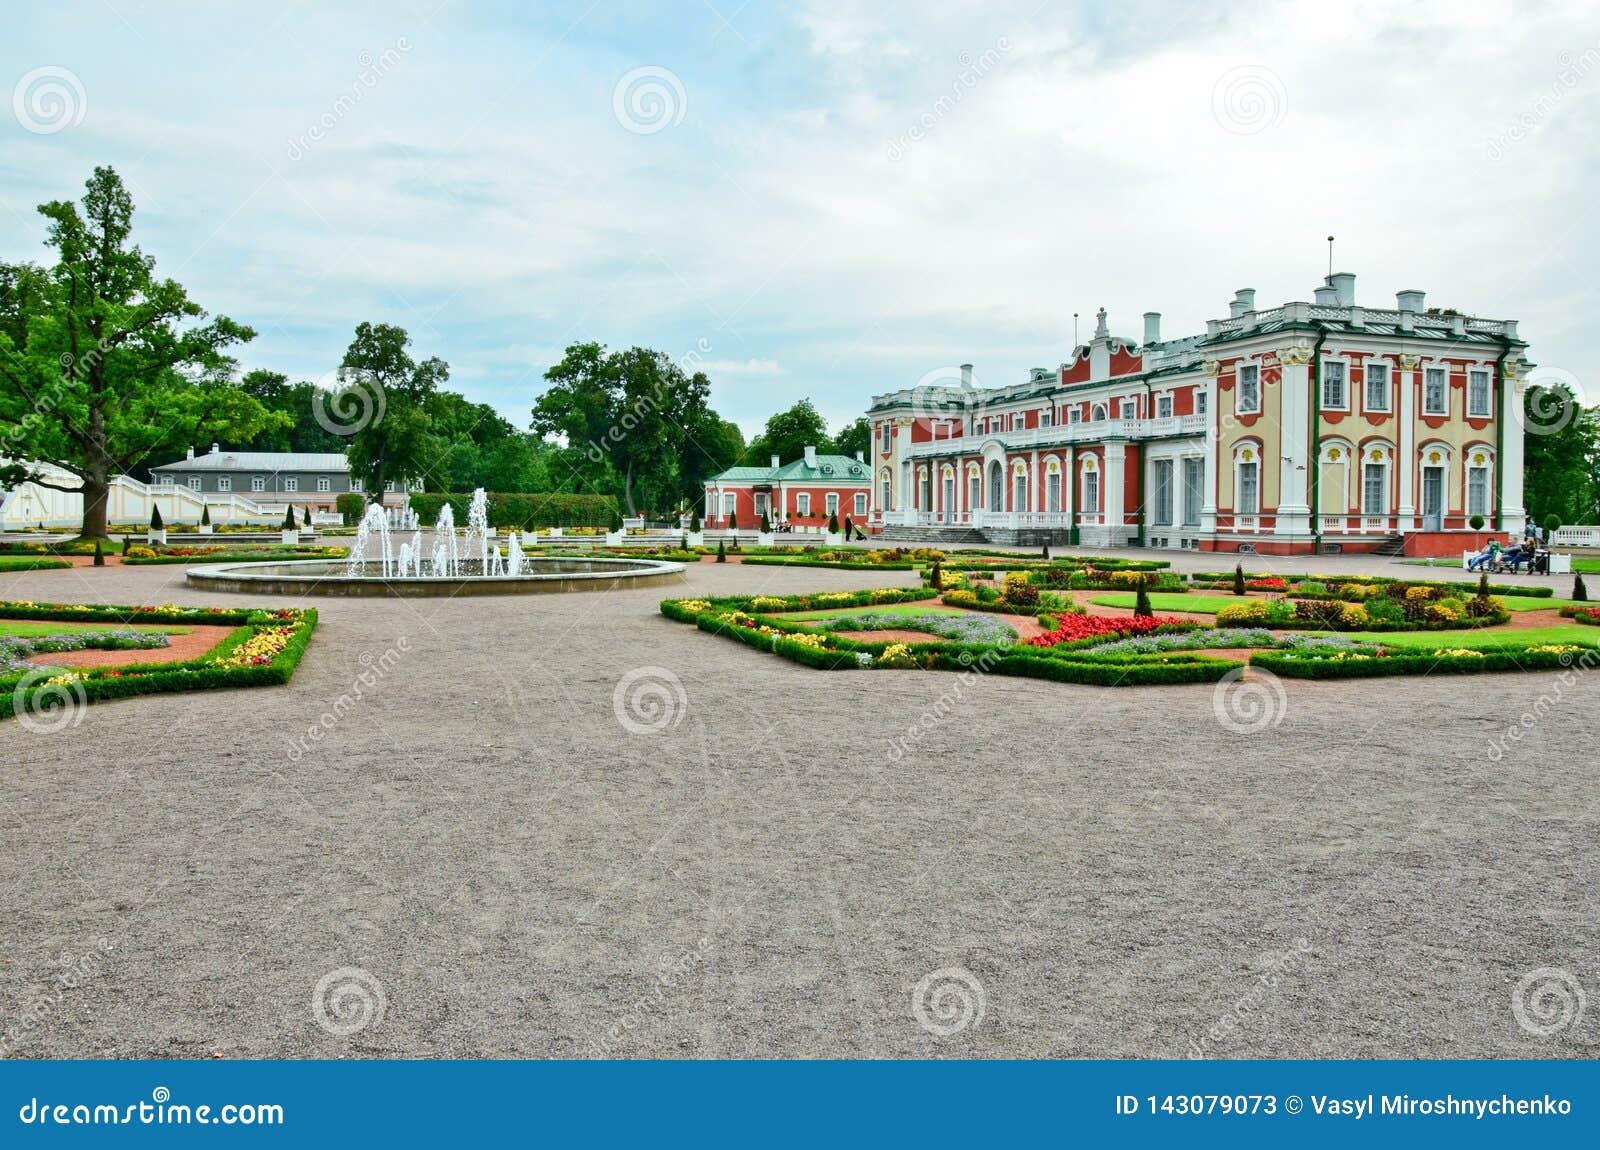 宫殿和公园合奏卡利柯治皇宫的片段